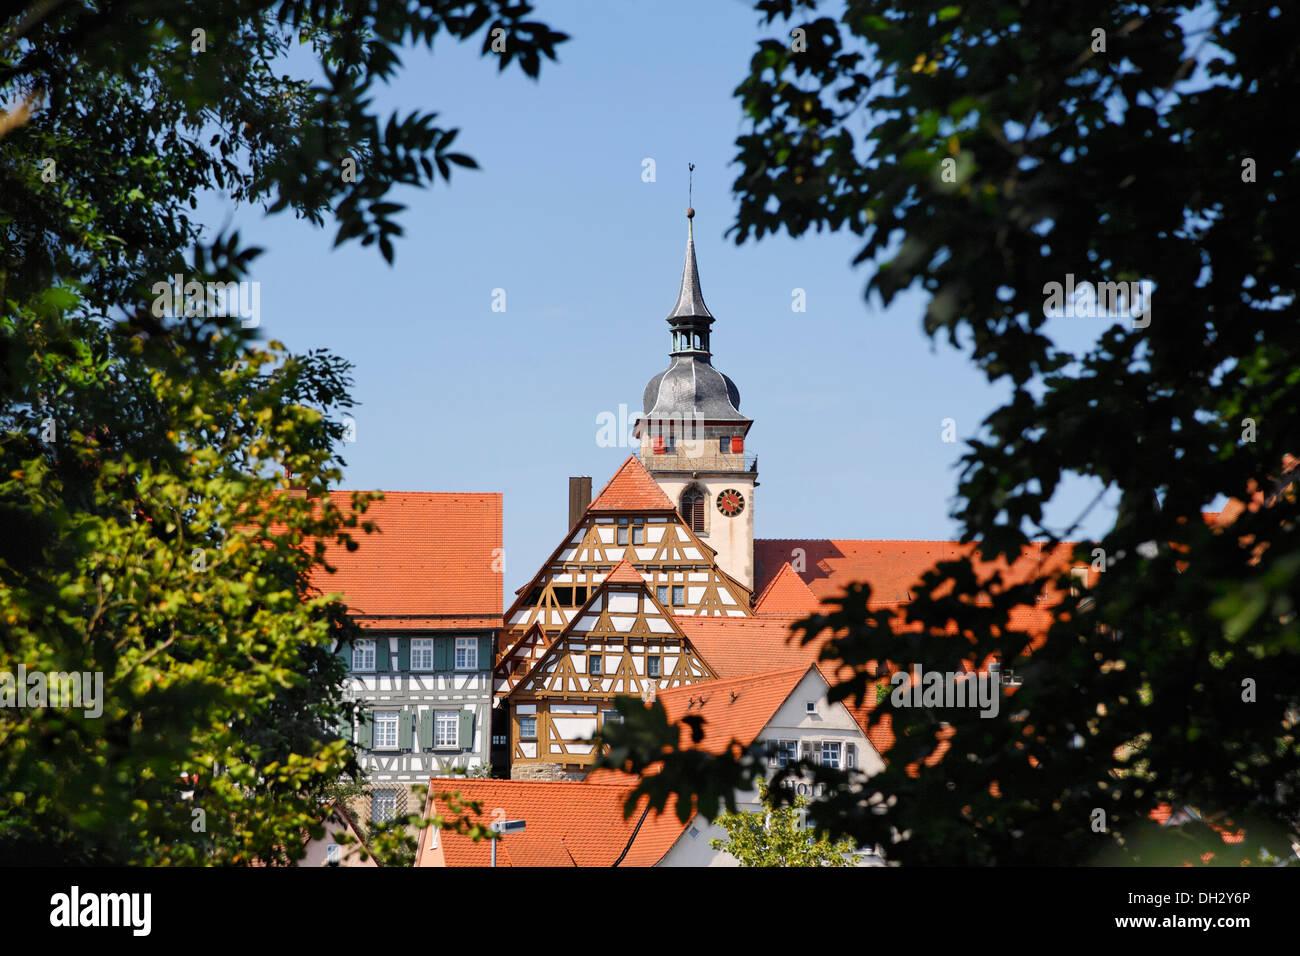 Deutschland Baden Württemberg Bietigheim Häuser Dächer